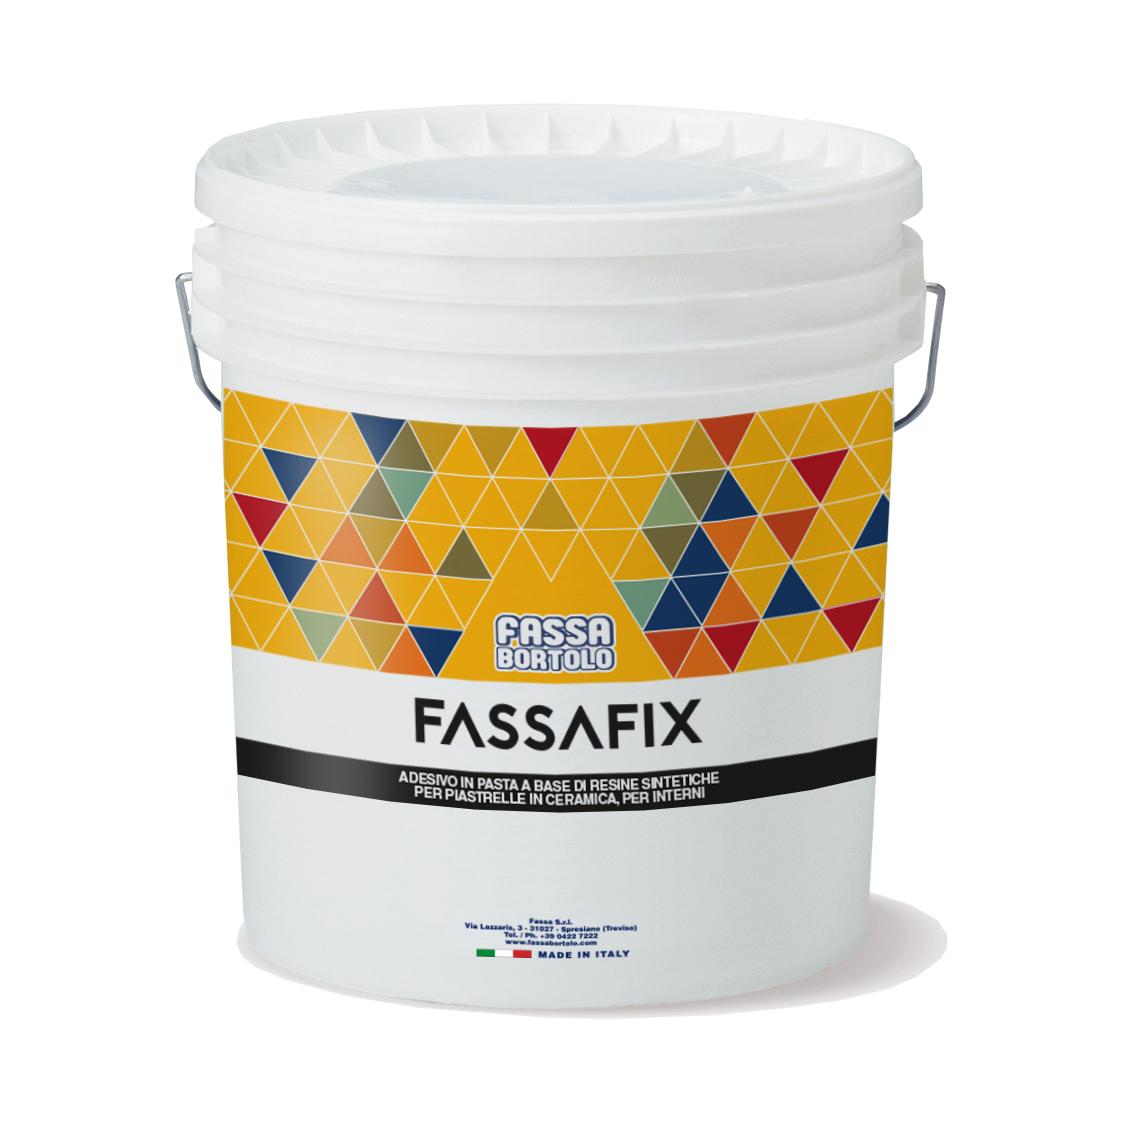 FASSAFIX: Adesivo bianco in pasta pronto all'uso per l'incollaggio a parete di piastrelle ceramiche di medio formato in interni